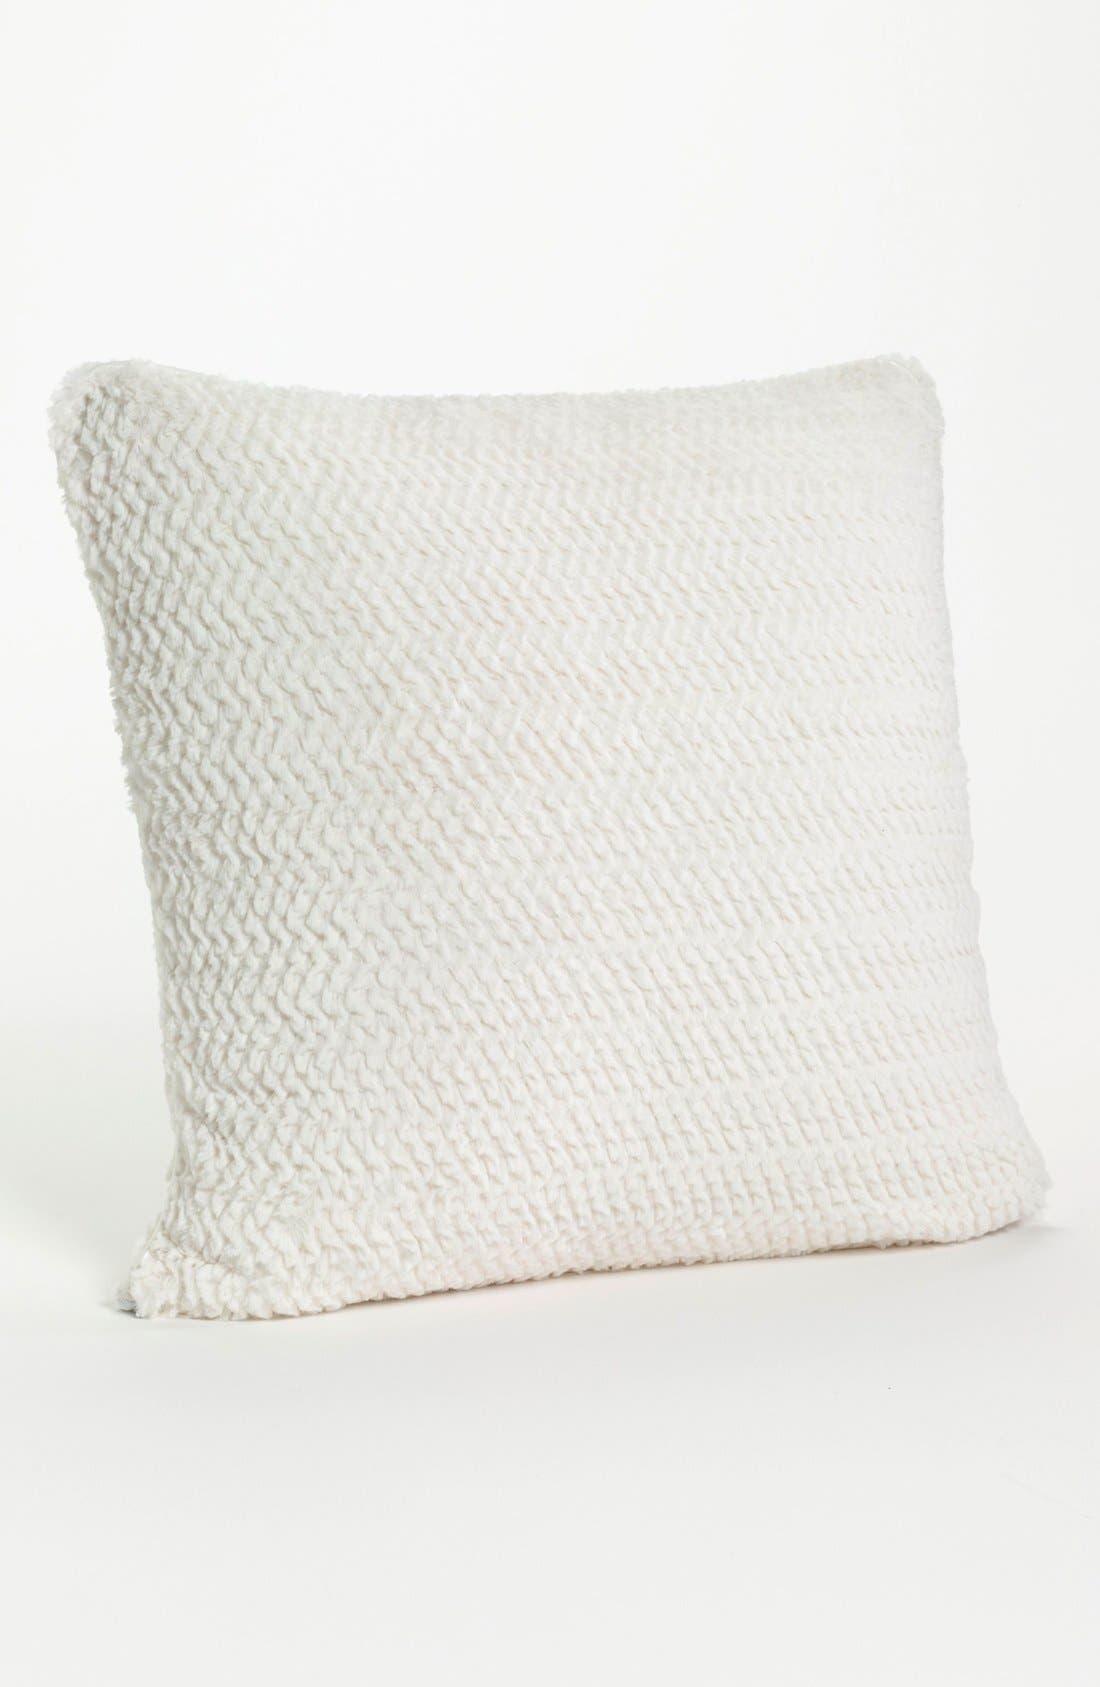 Giraffe at Home 'Luxe Twist' Throw Pillow